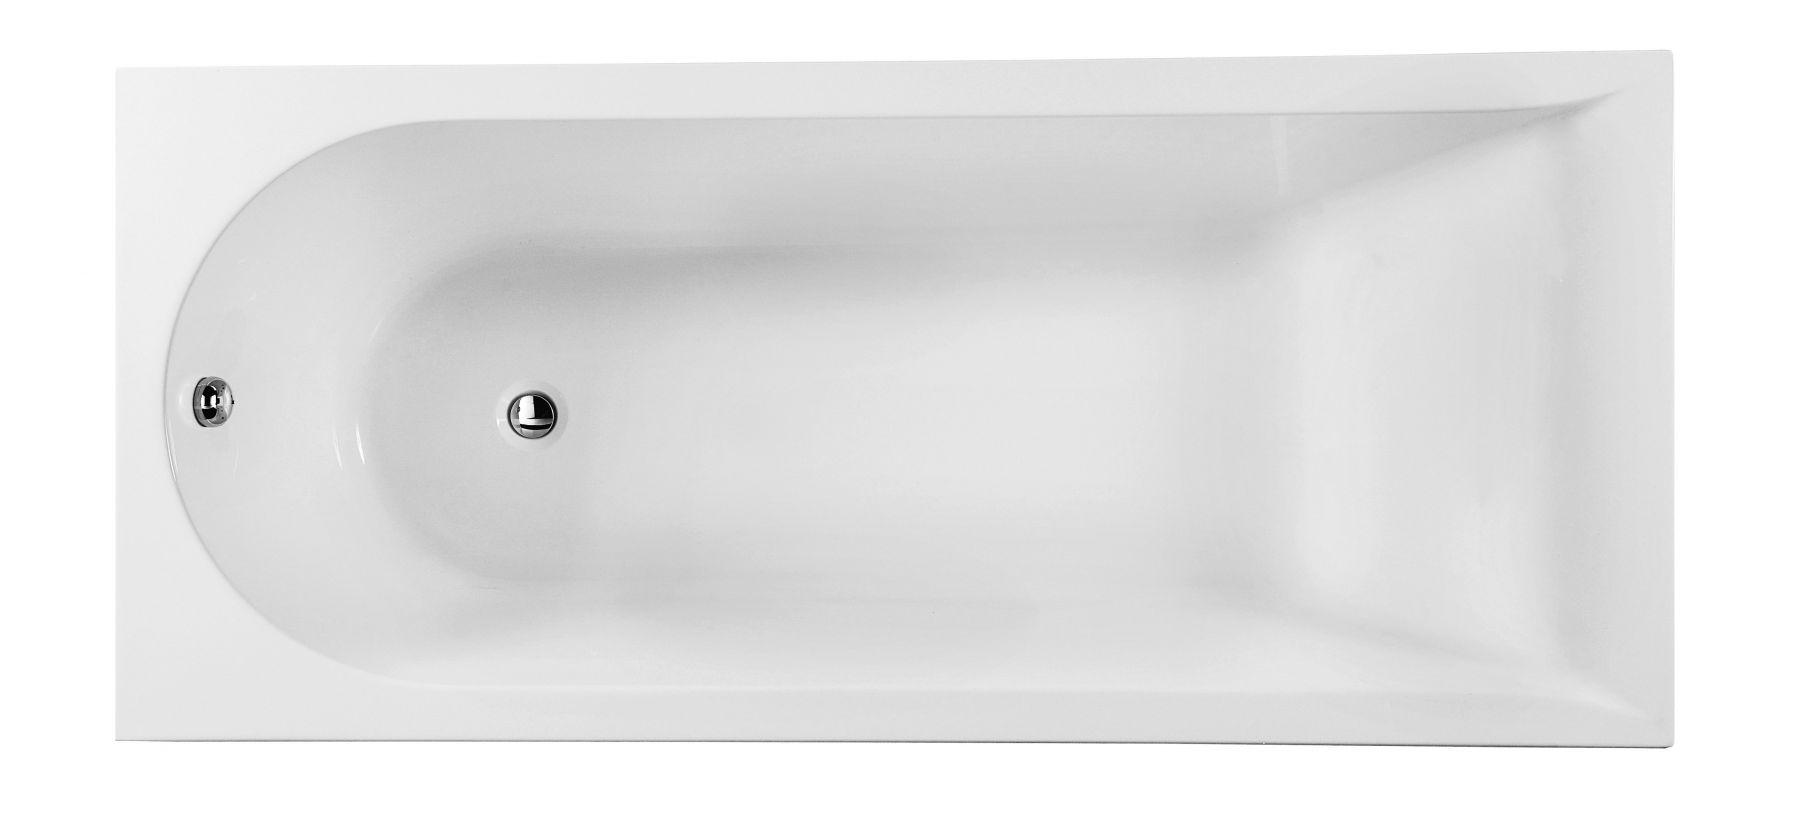 Ванна на каркасе Am.Pm Spirit V2.0 150x70 ФОТО